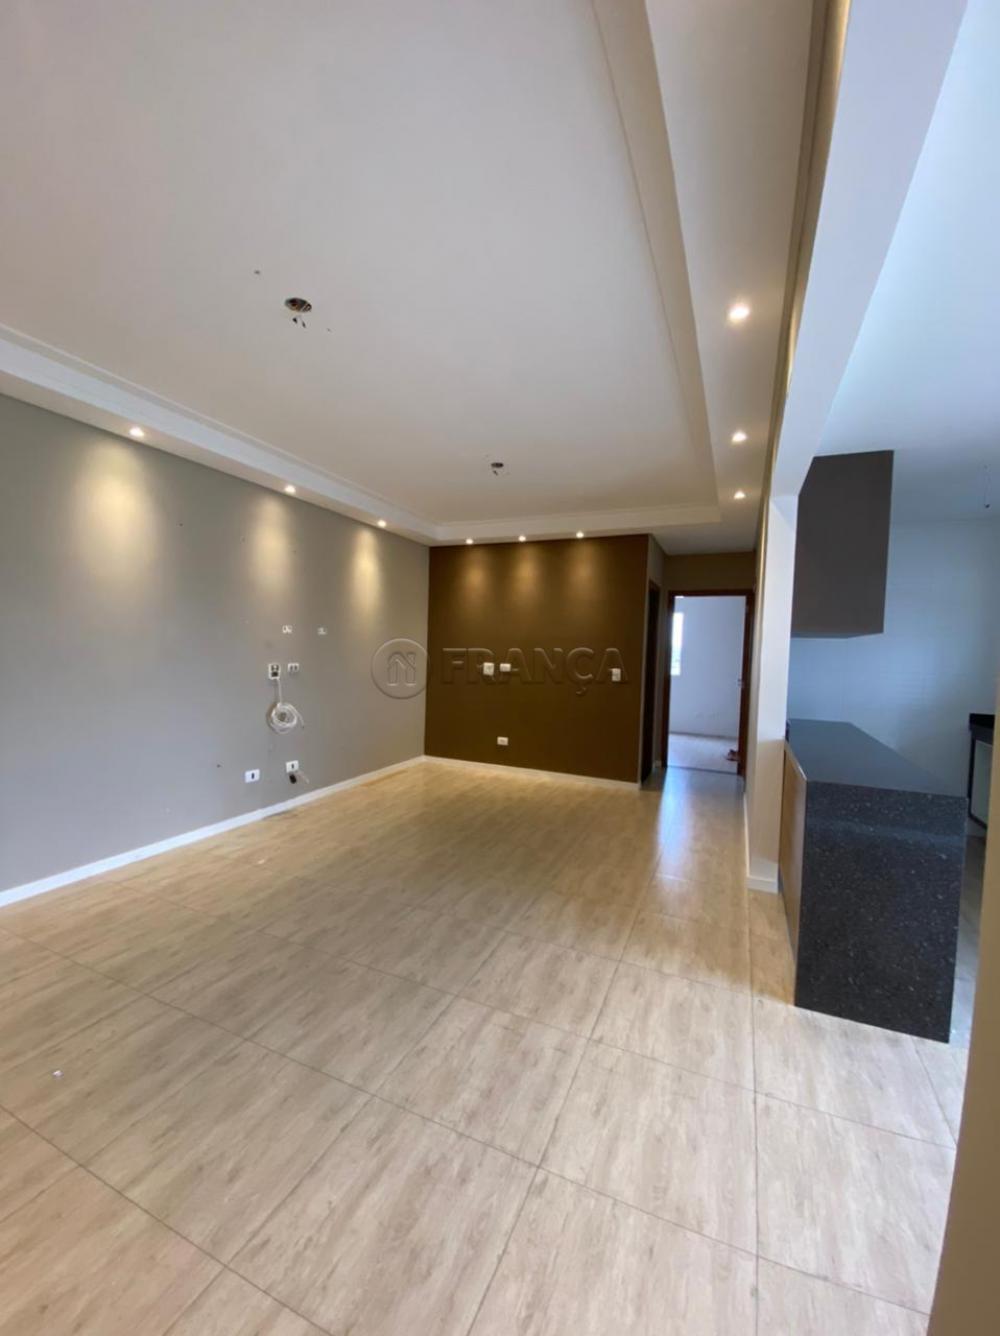 Alugar Apartamento / Padrão em Jacareí R$ 1.300,00 - Foto 4